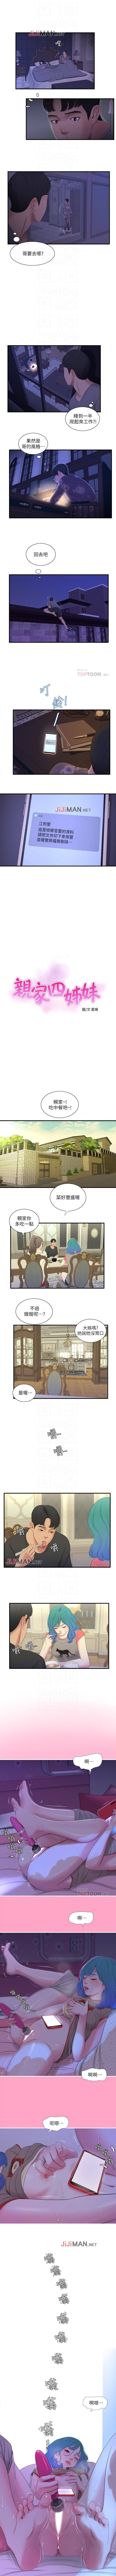 【周四连载】亲家四姐妹(作者:愛摸) 第1~37话 84